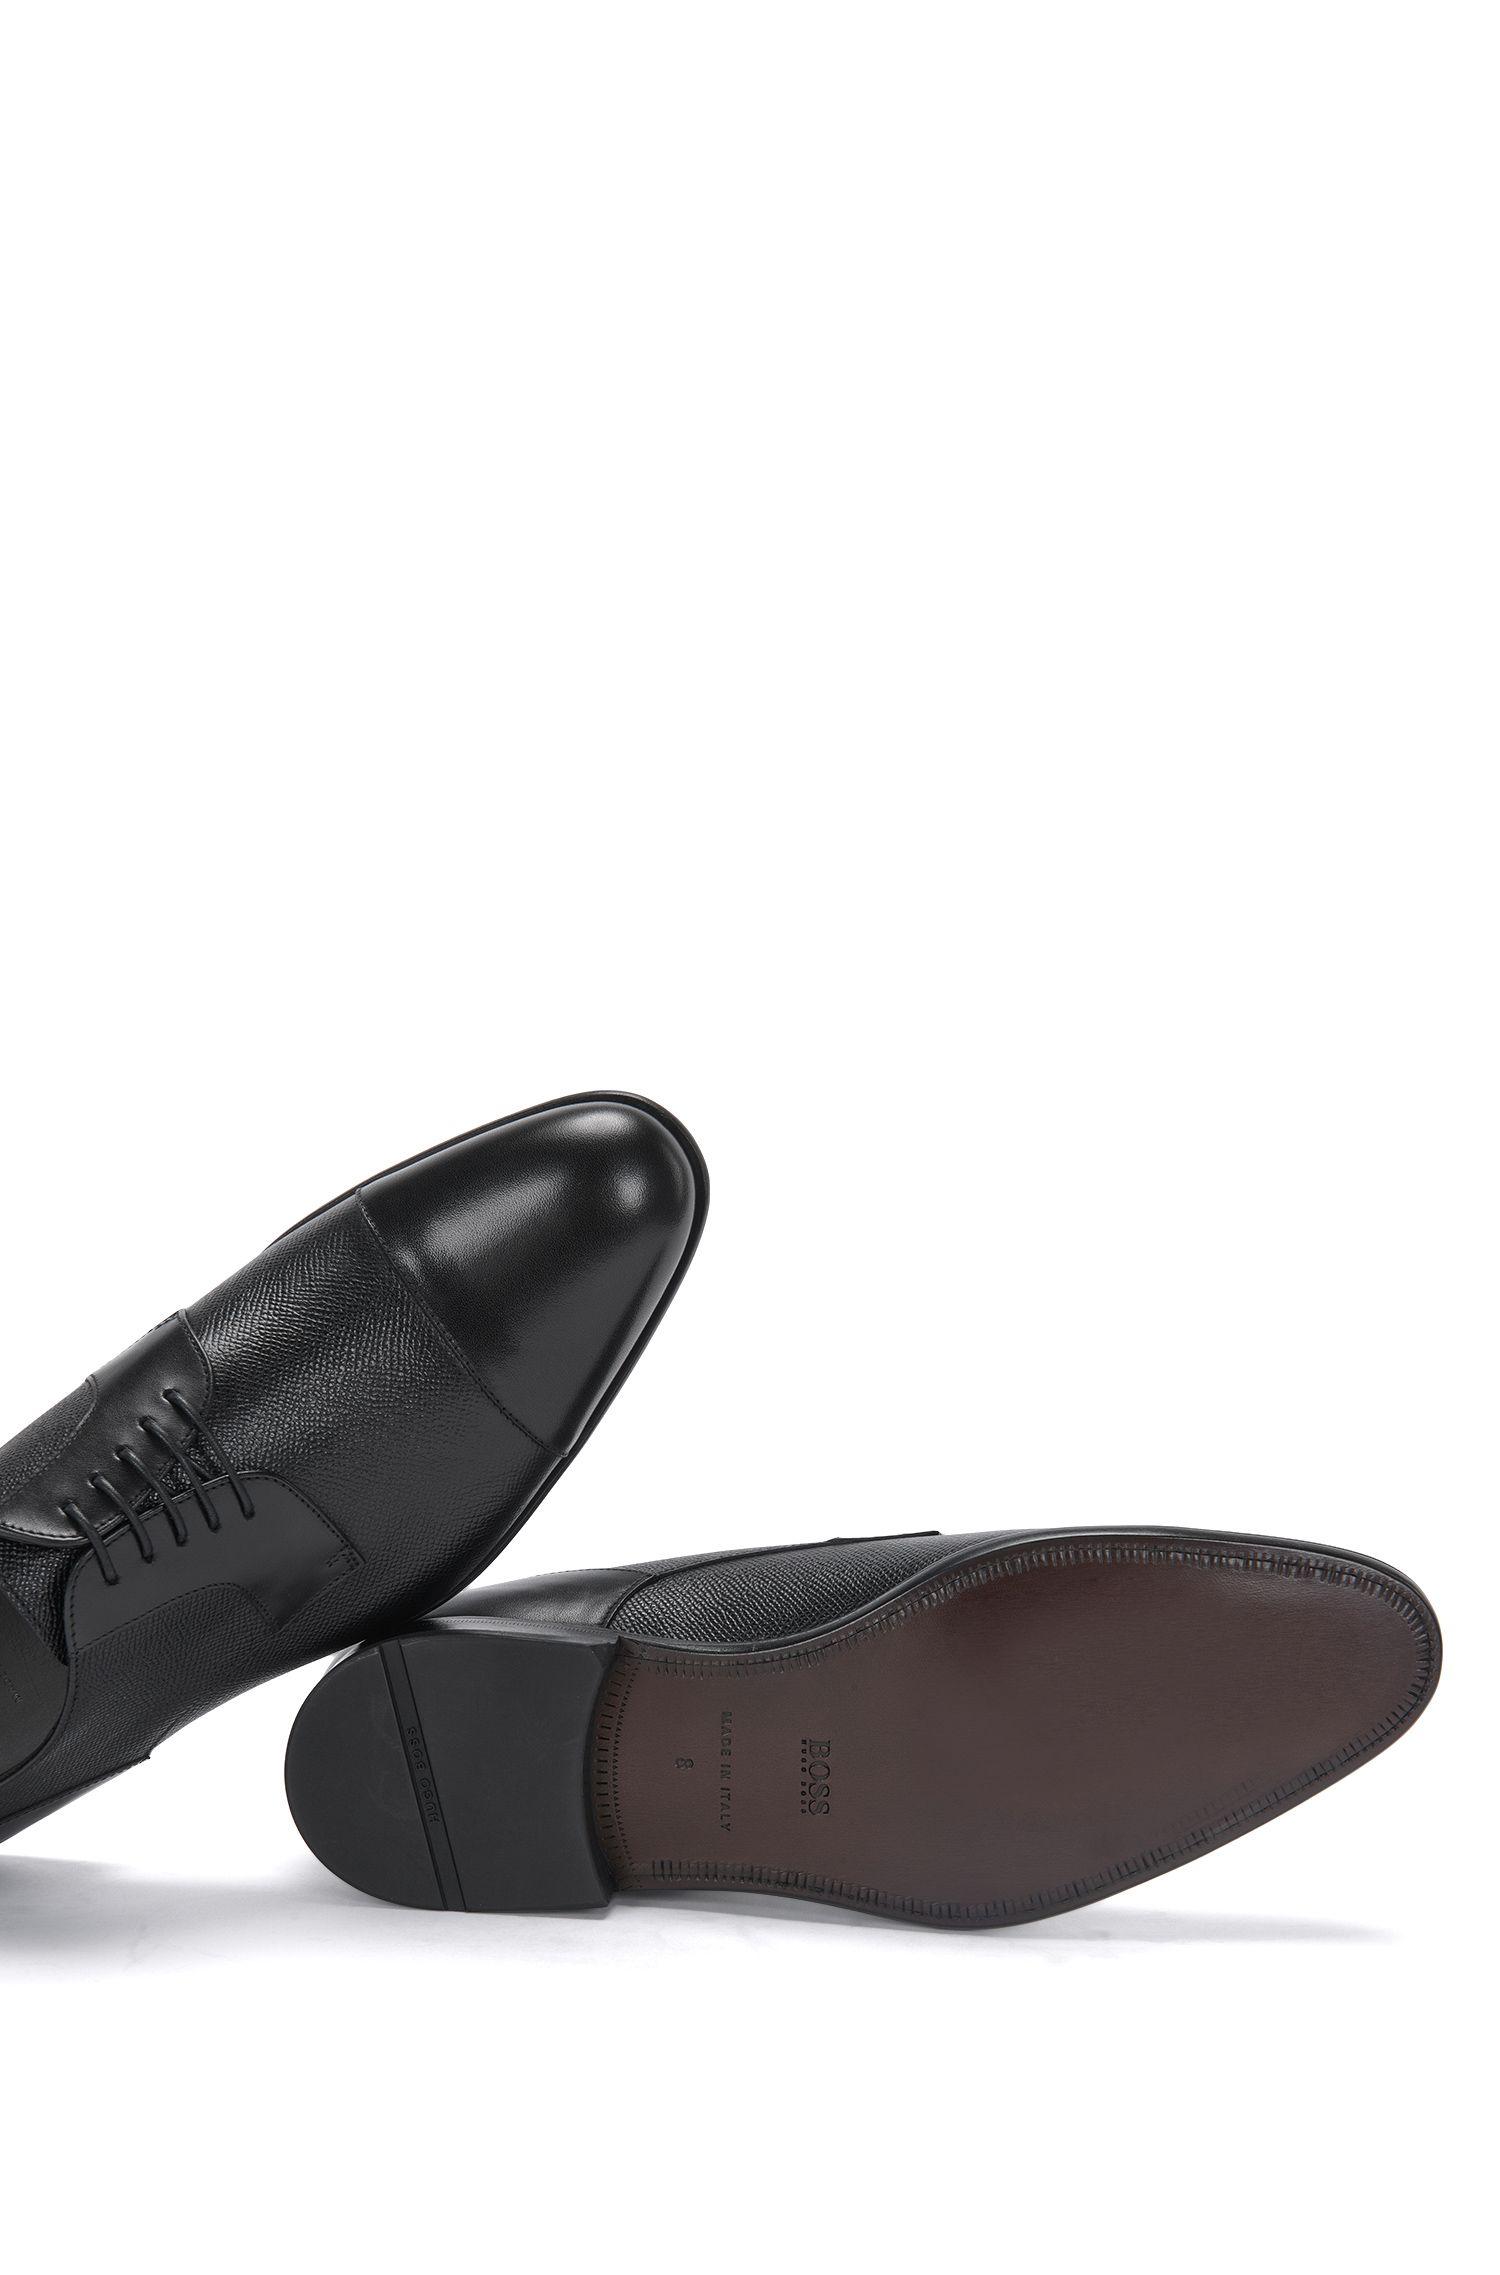 Schnürschuhe aus Leder mit partieller Prägung: 'Manhattan_Derb_prct'